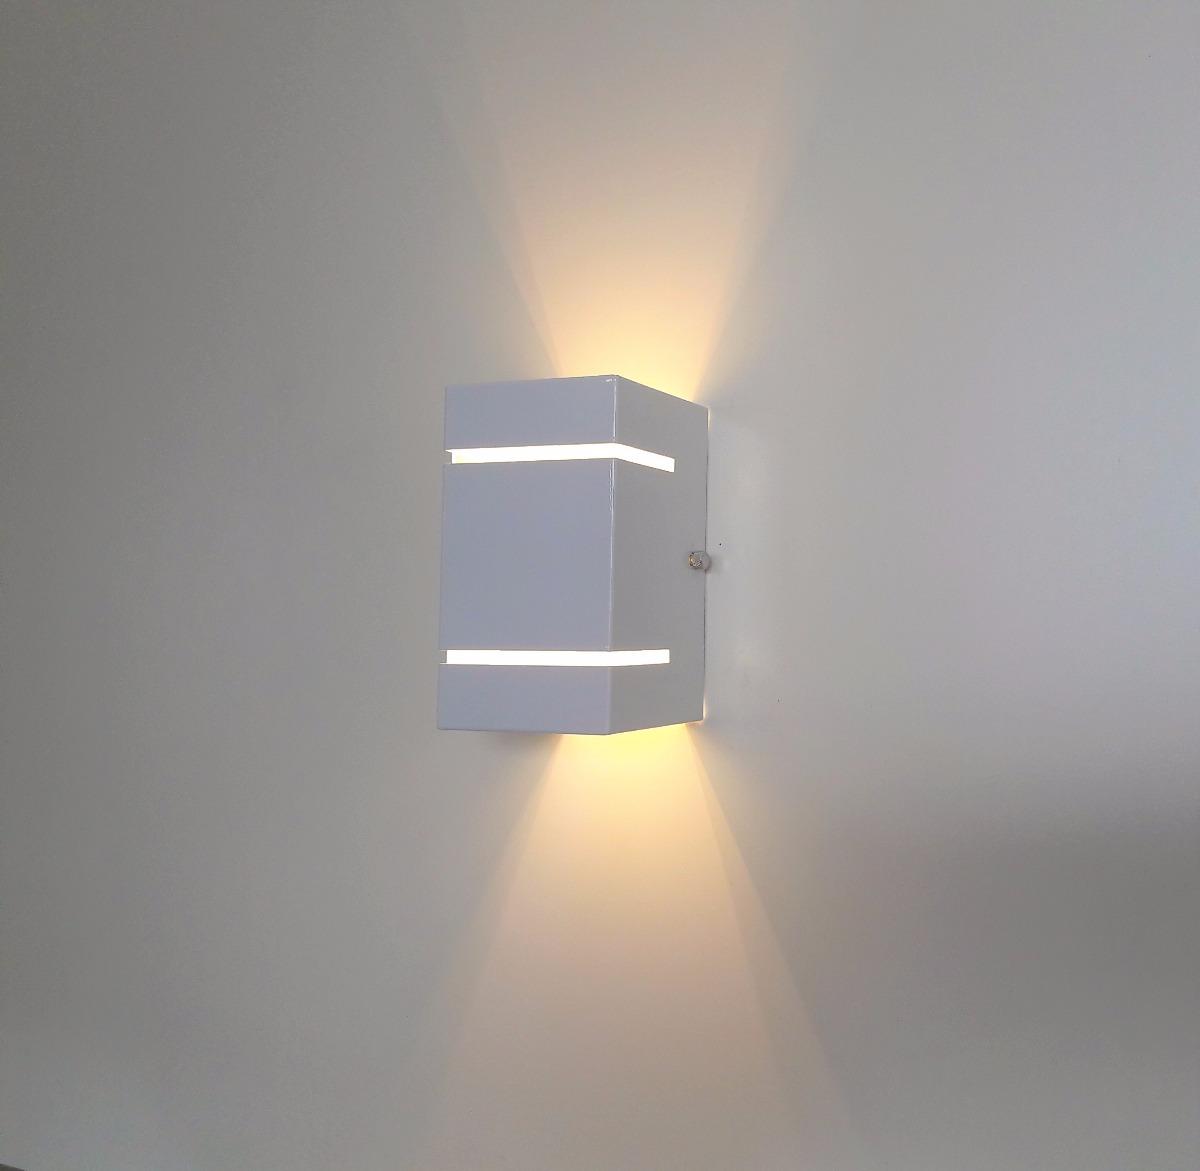 2 Spot Luminria De Parede Arandela Externa Fachos  Led